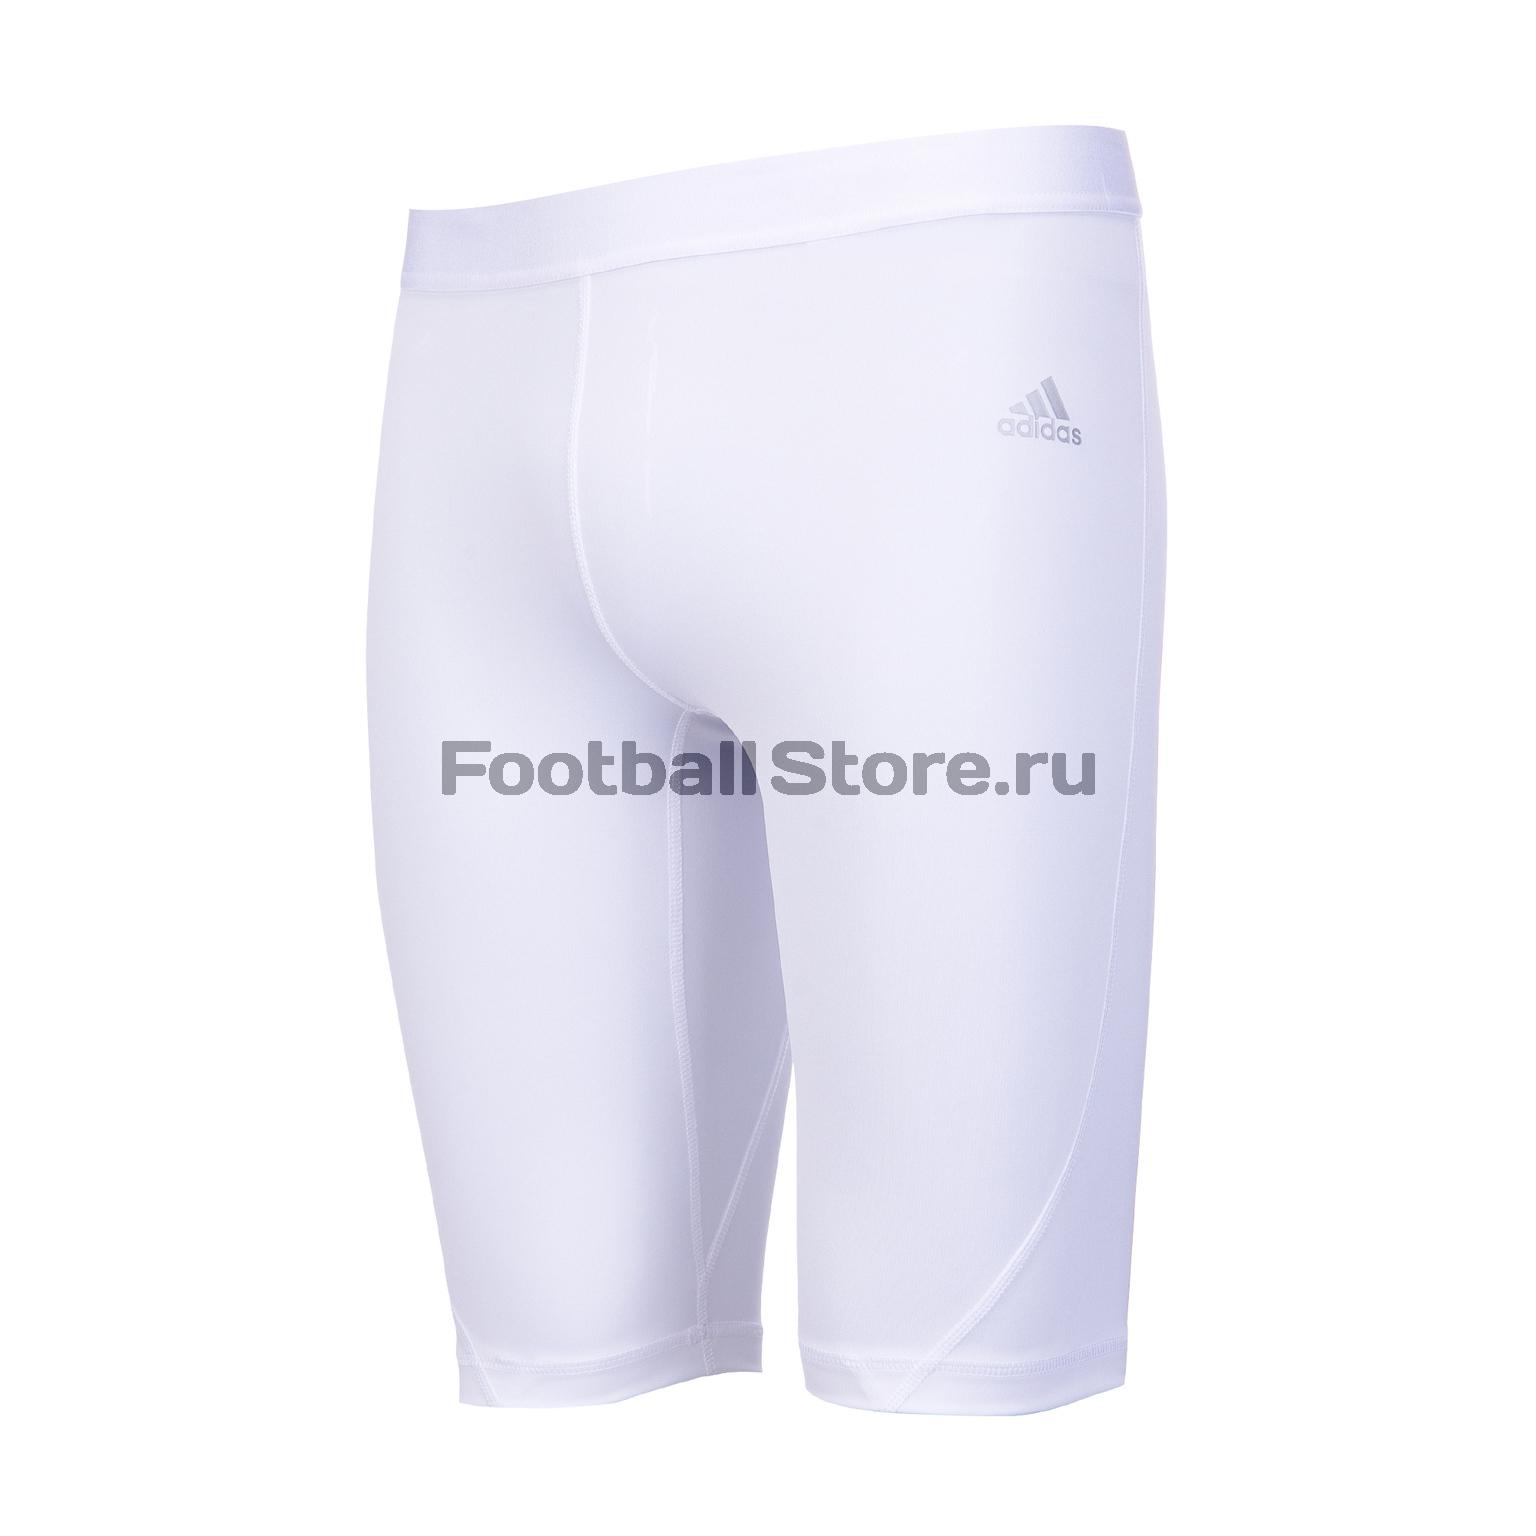 Белье шорты подростковые Adidas Tight CW7351